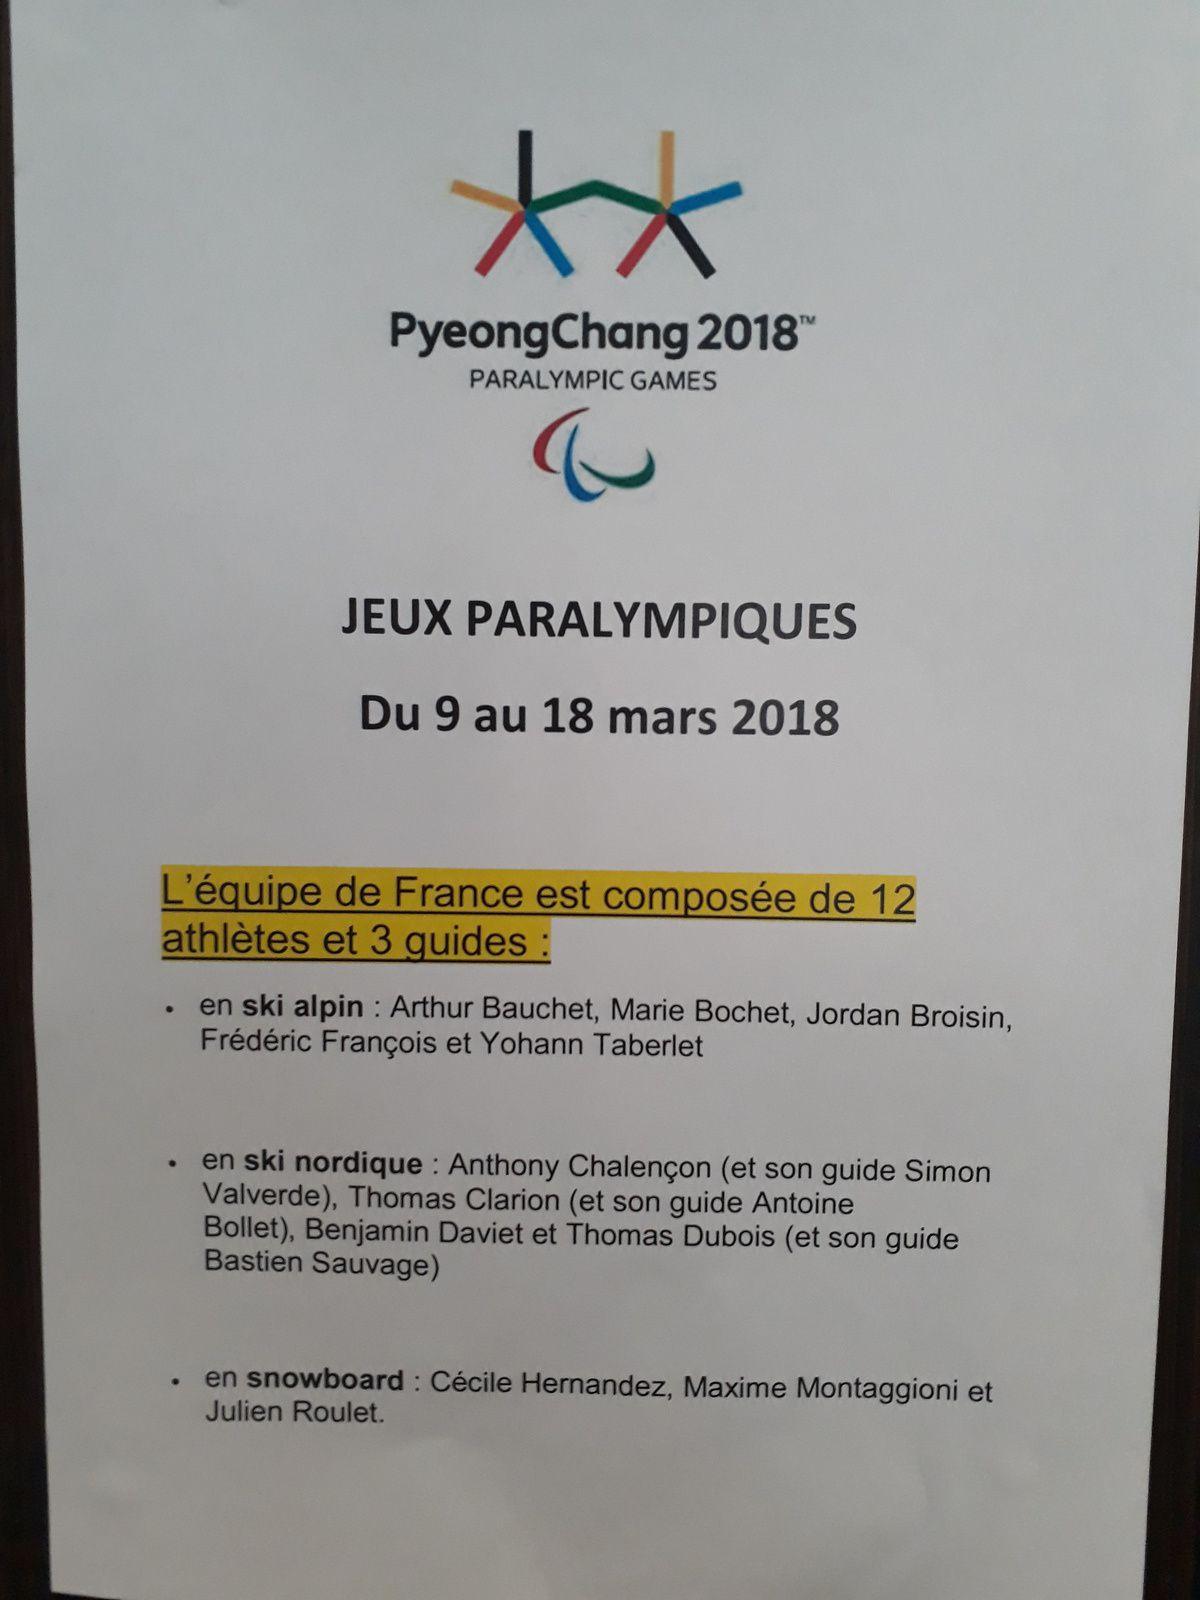 Début des jeux Paralympiques 2018